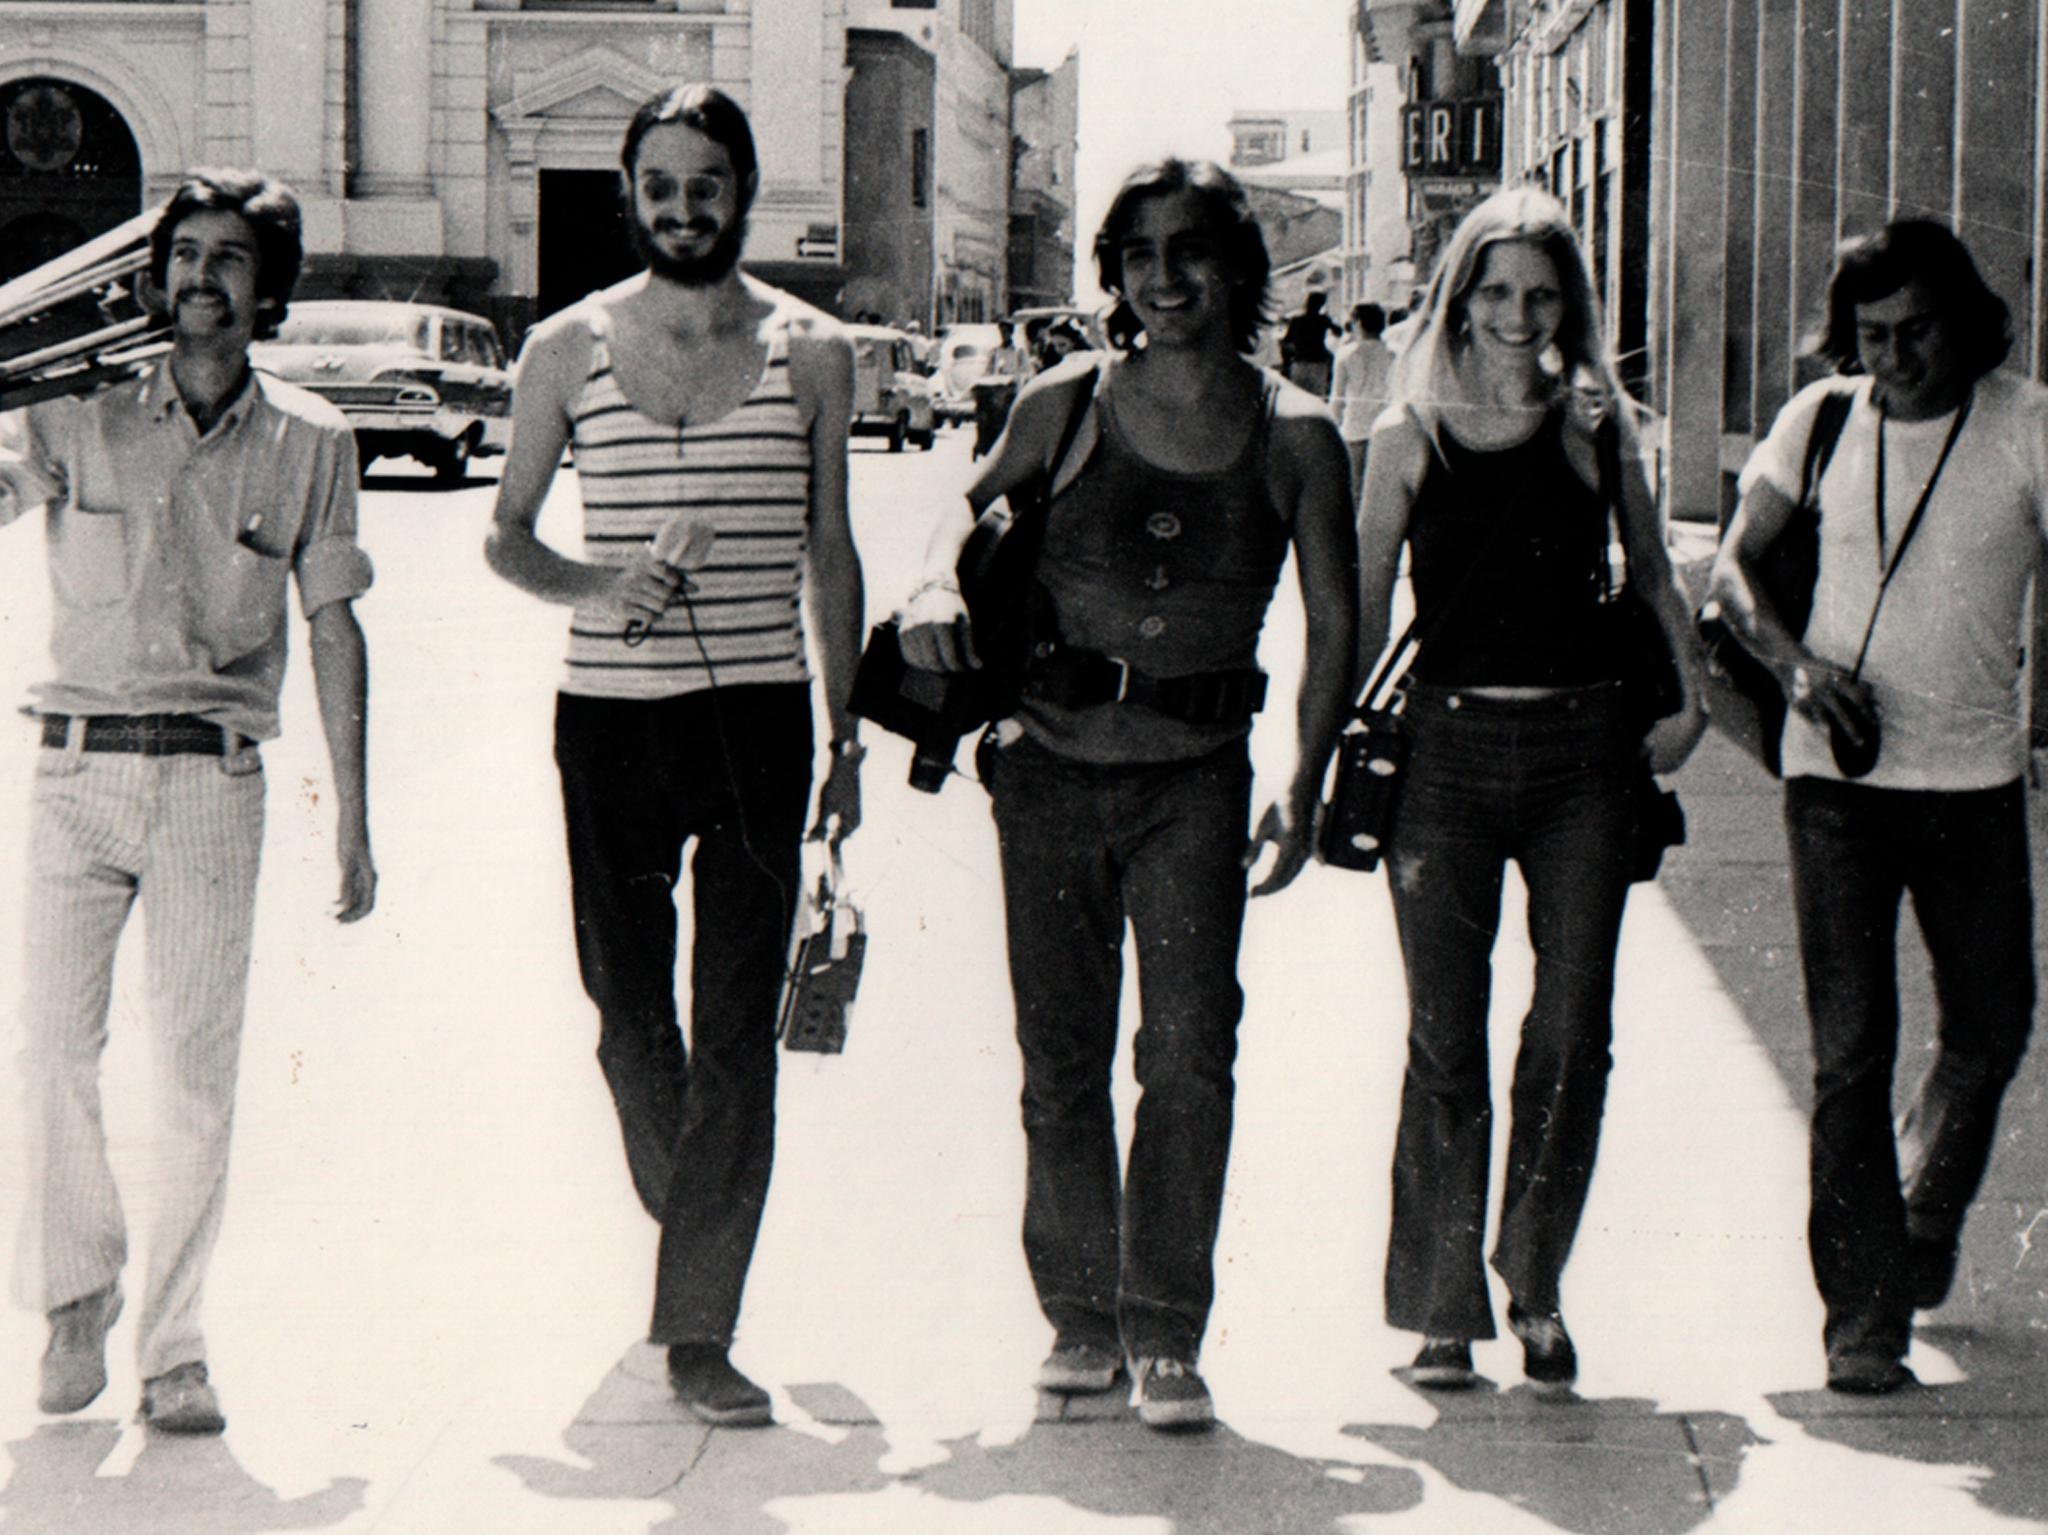 Todo comenzó por el fin, Luis Ospina, Beatriz Caballero, Andrés Caicedo, Lina González